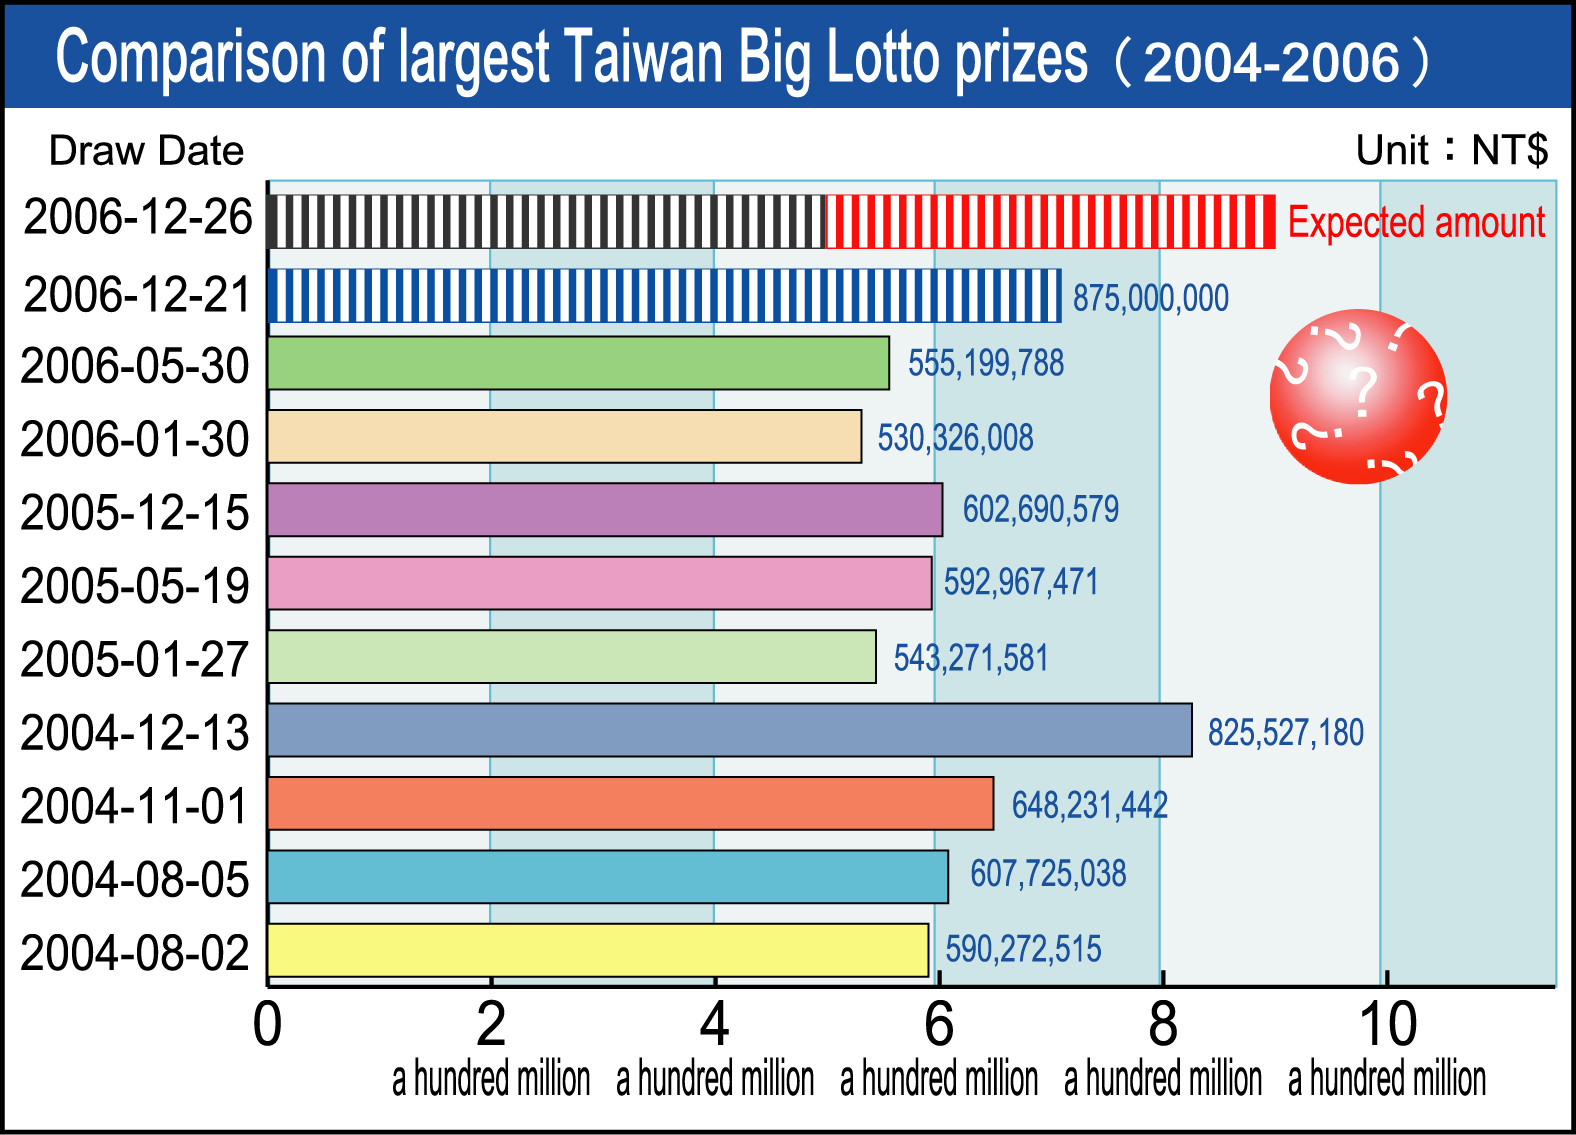 台灣大樂透最高獎金比較表(2004-2006)